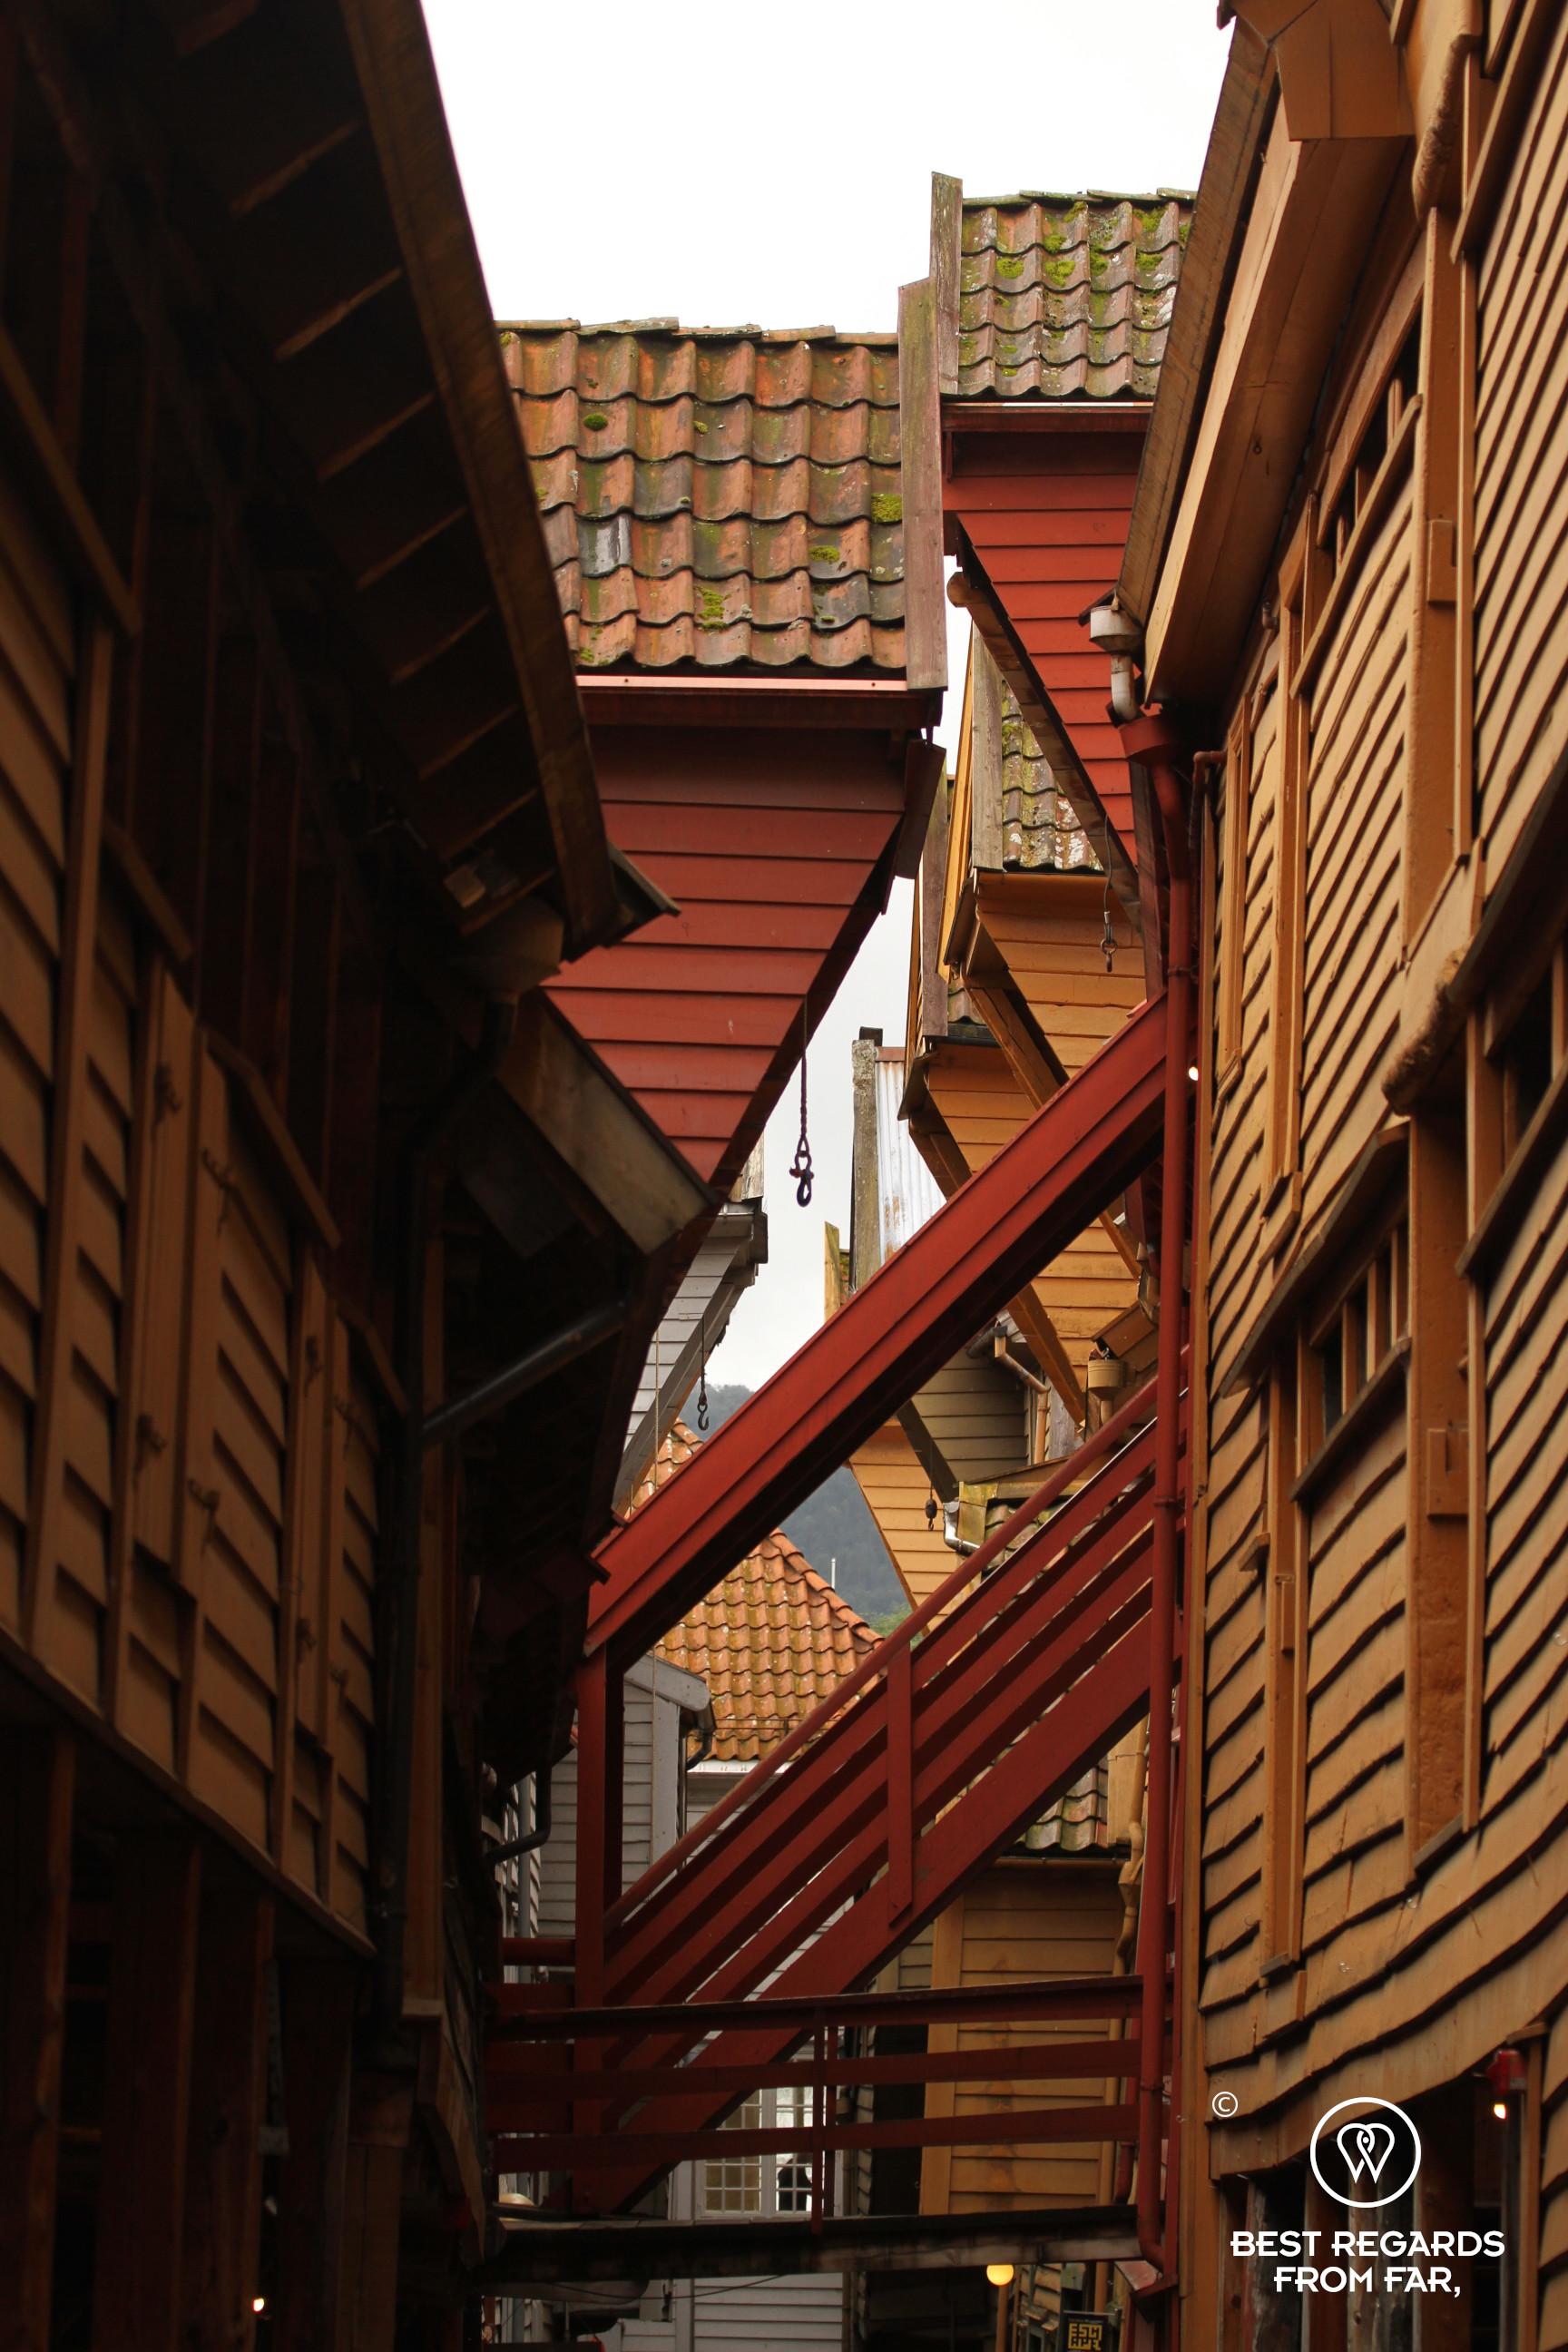 Details of Bryggen's warehouses, Bergen